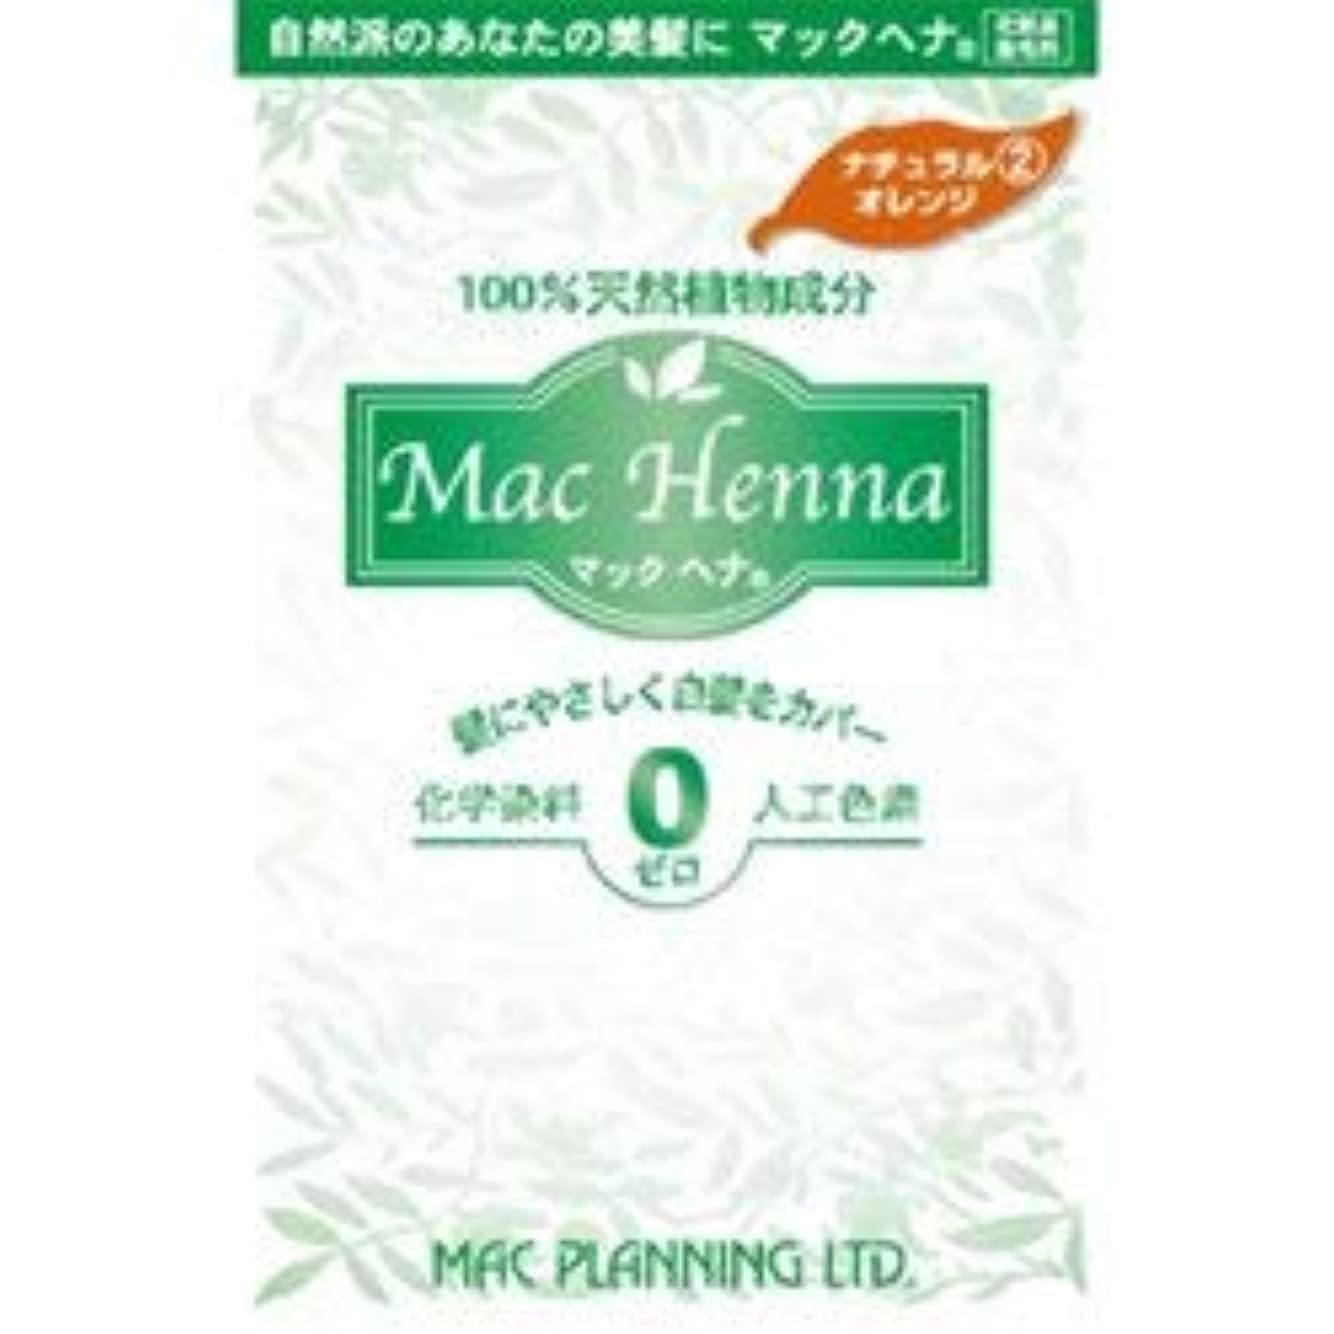 切るポジティブ状況【マックプランニング】マック ヘナハーバルヘアートリートメント NOR (100g) ×10個セット